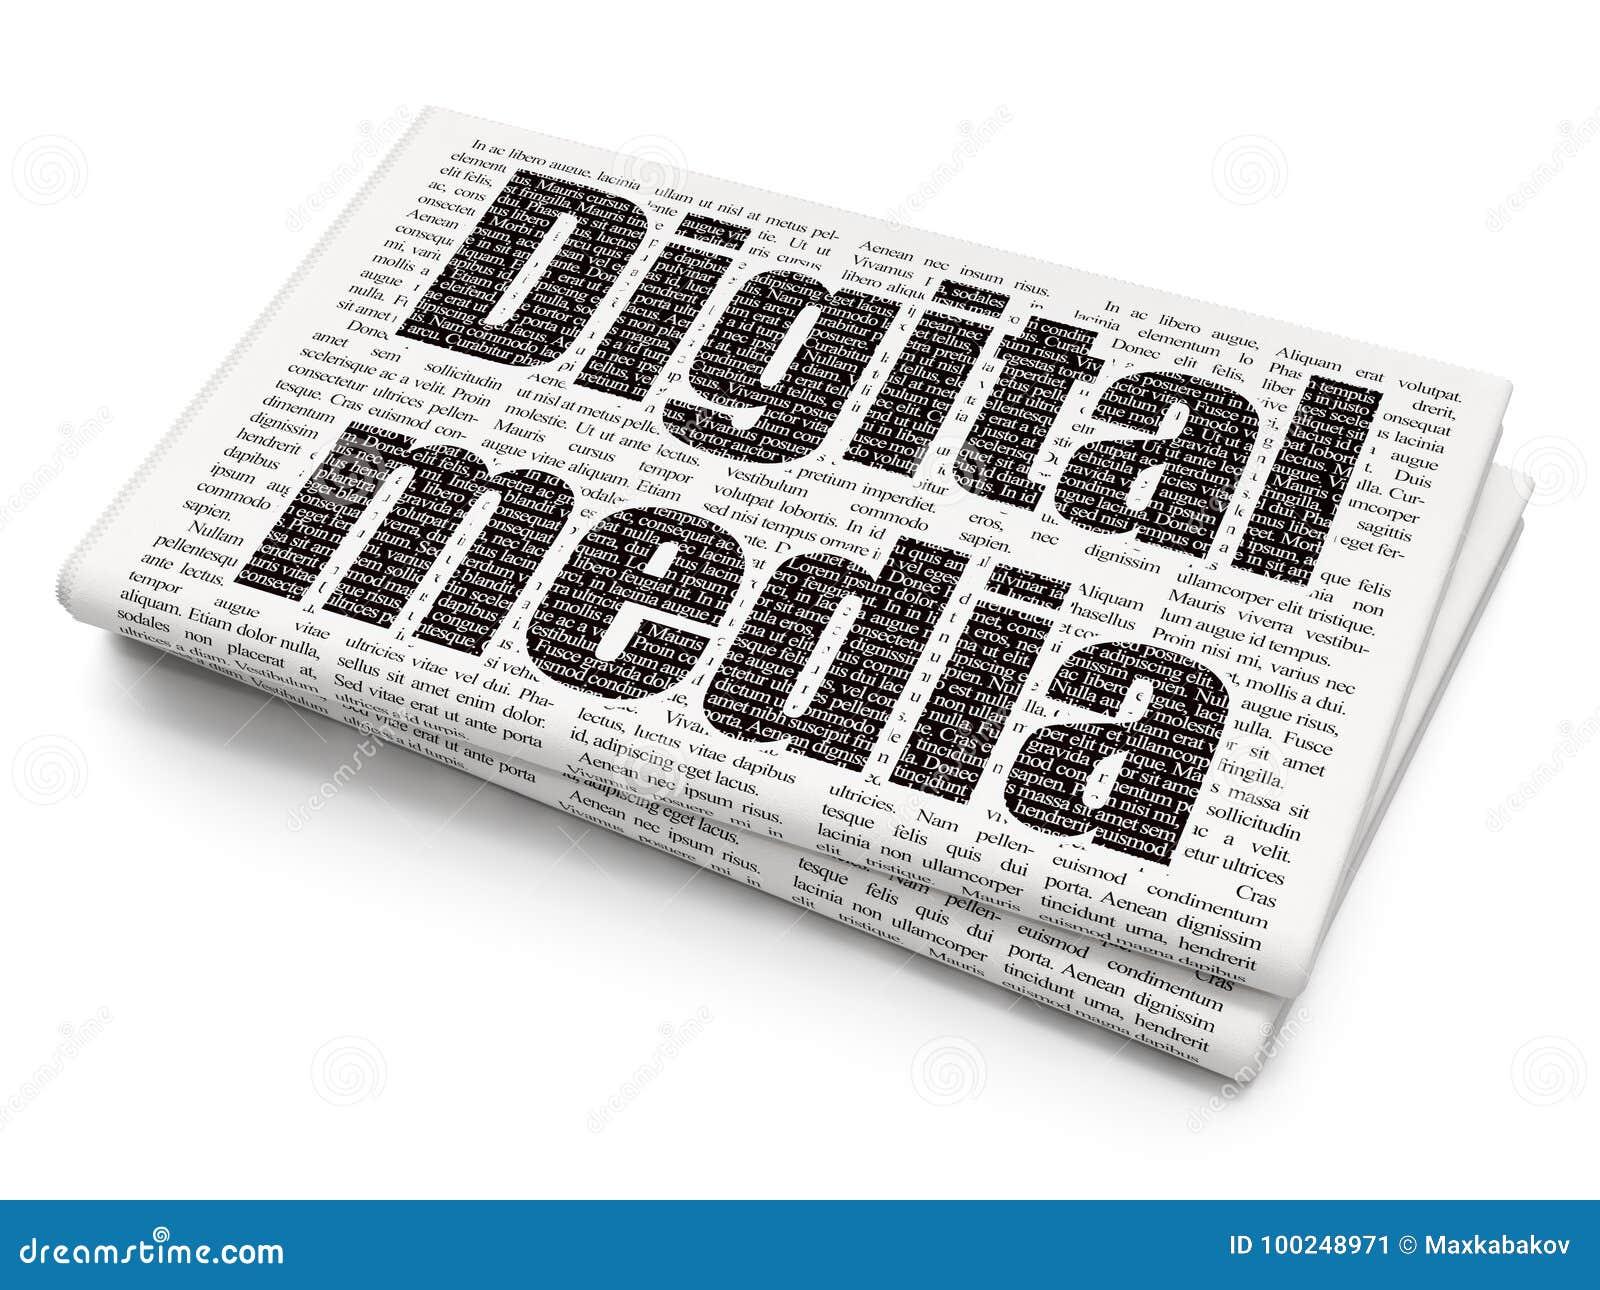 Έννοια μάρκετινγκ: Ψηφιακό MEDIA στο υπόβαθρο εφημερίδων